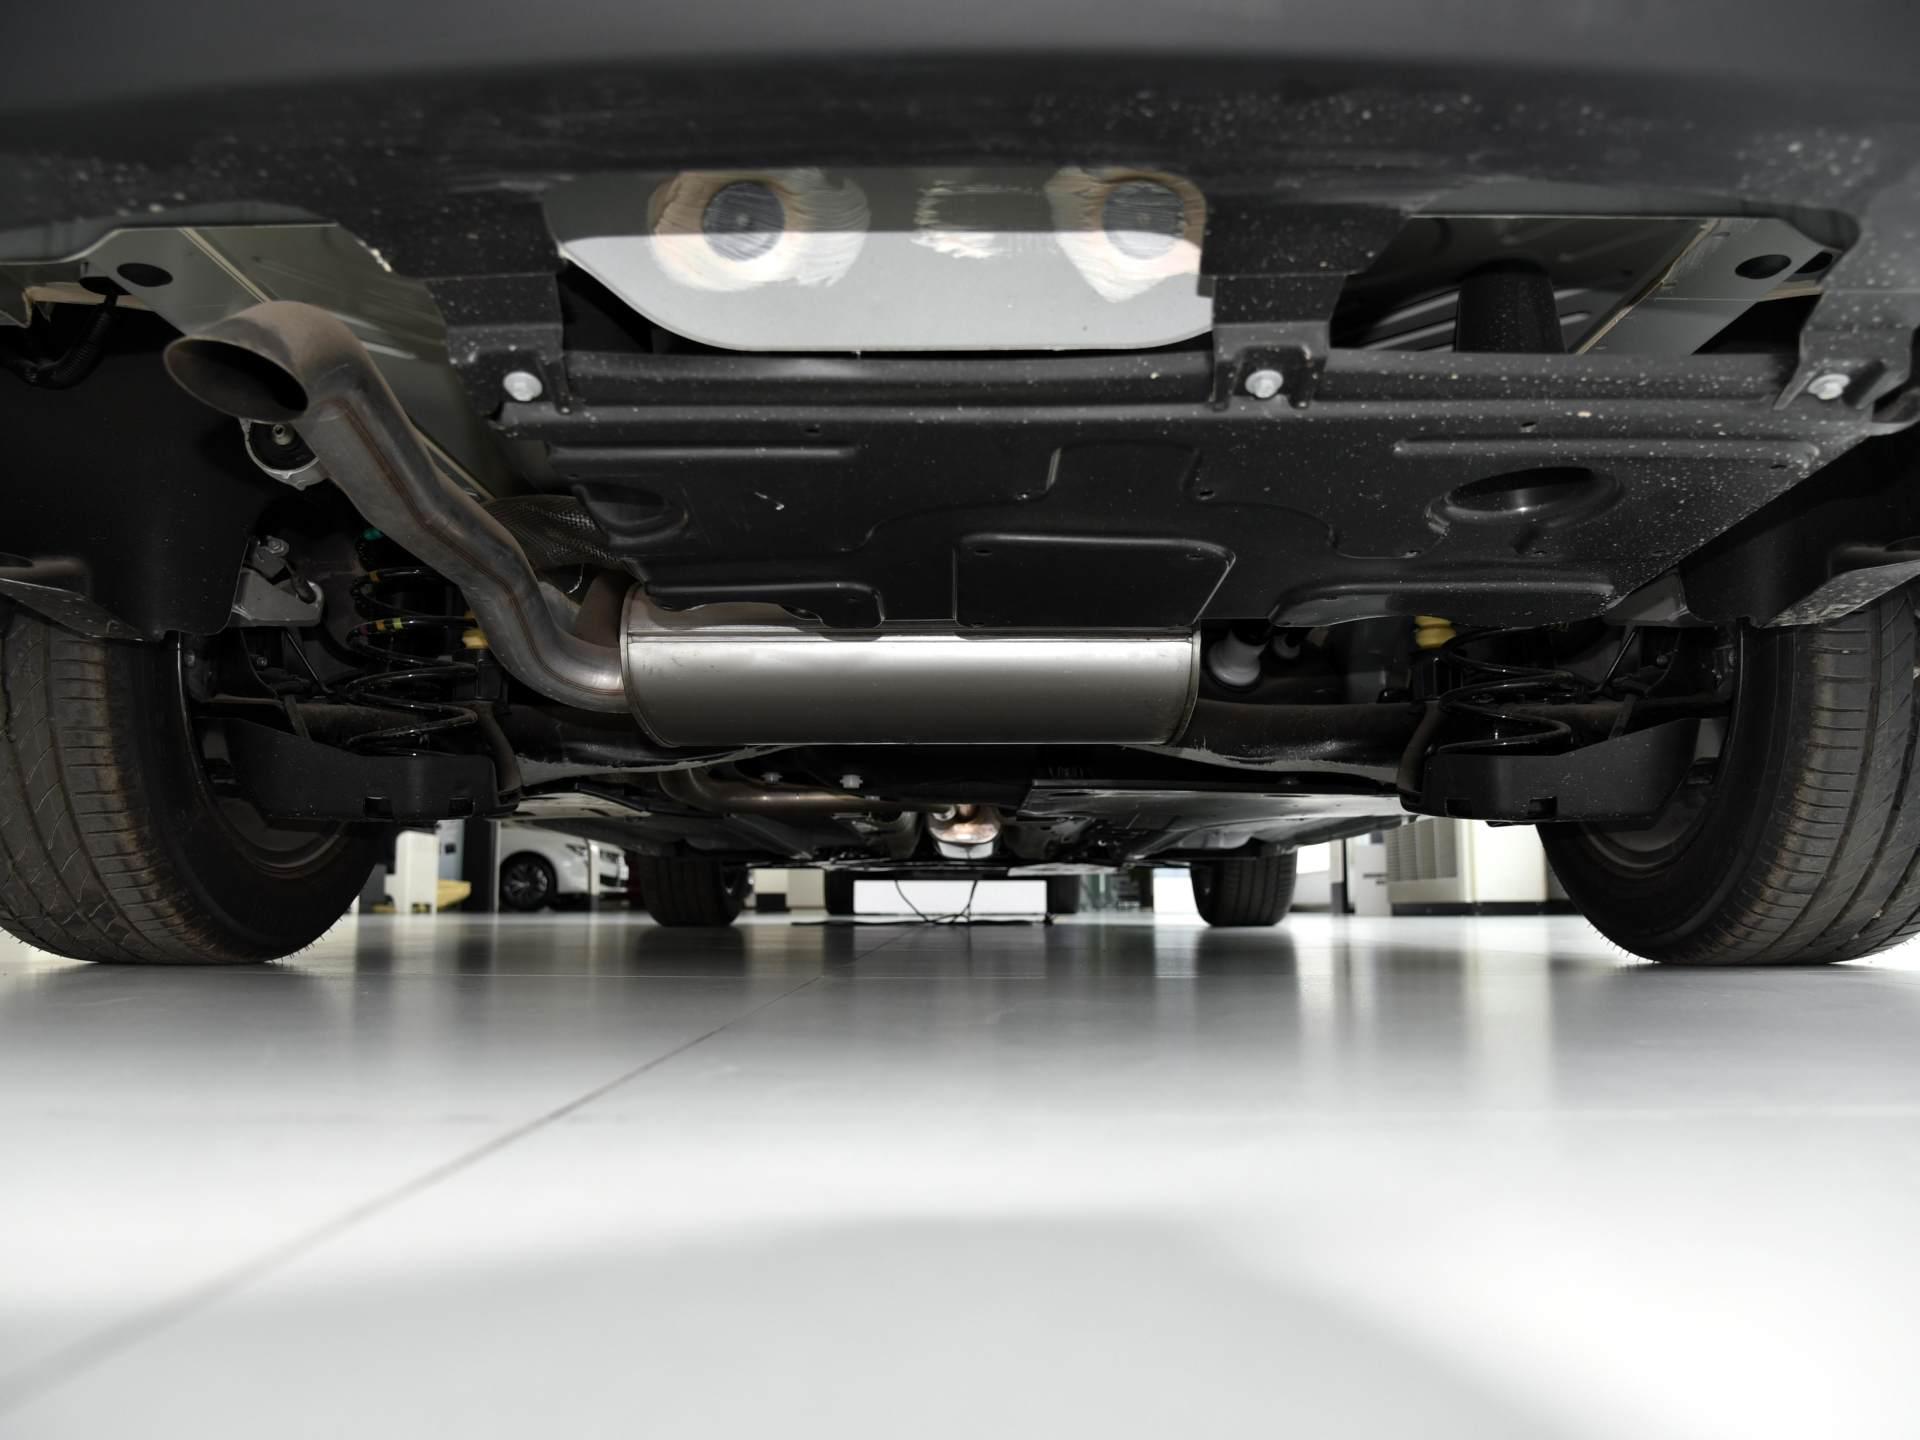 """合資""""最漂亮""""緊湊傢轎亮相,軸距2.67米質感超越速騰,為何賣不過朗逸-圖8"""